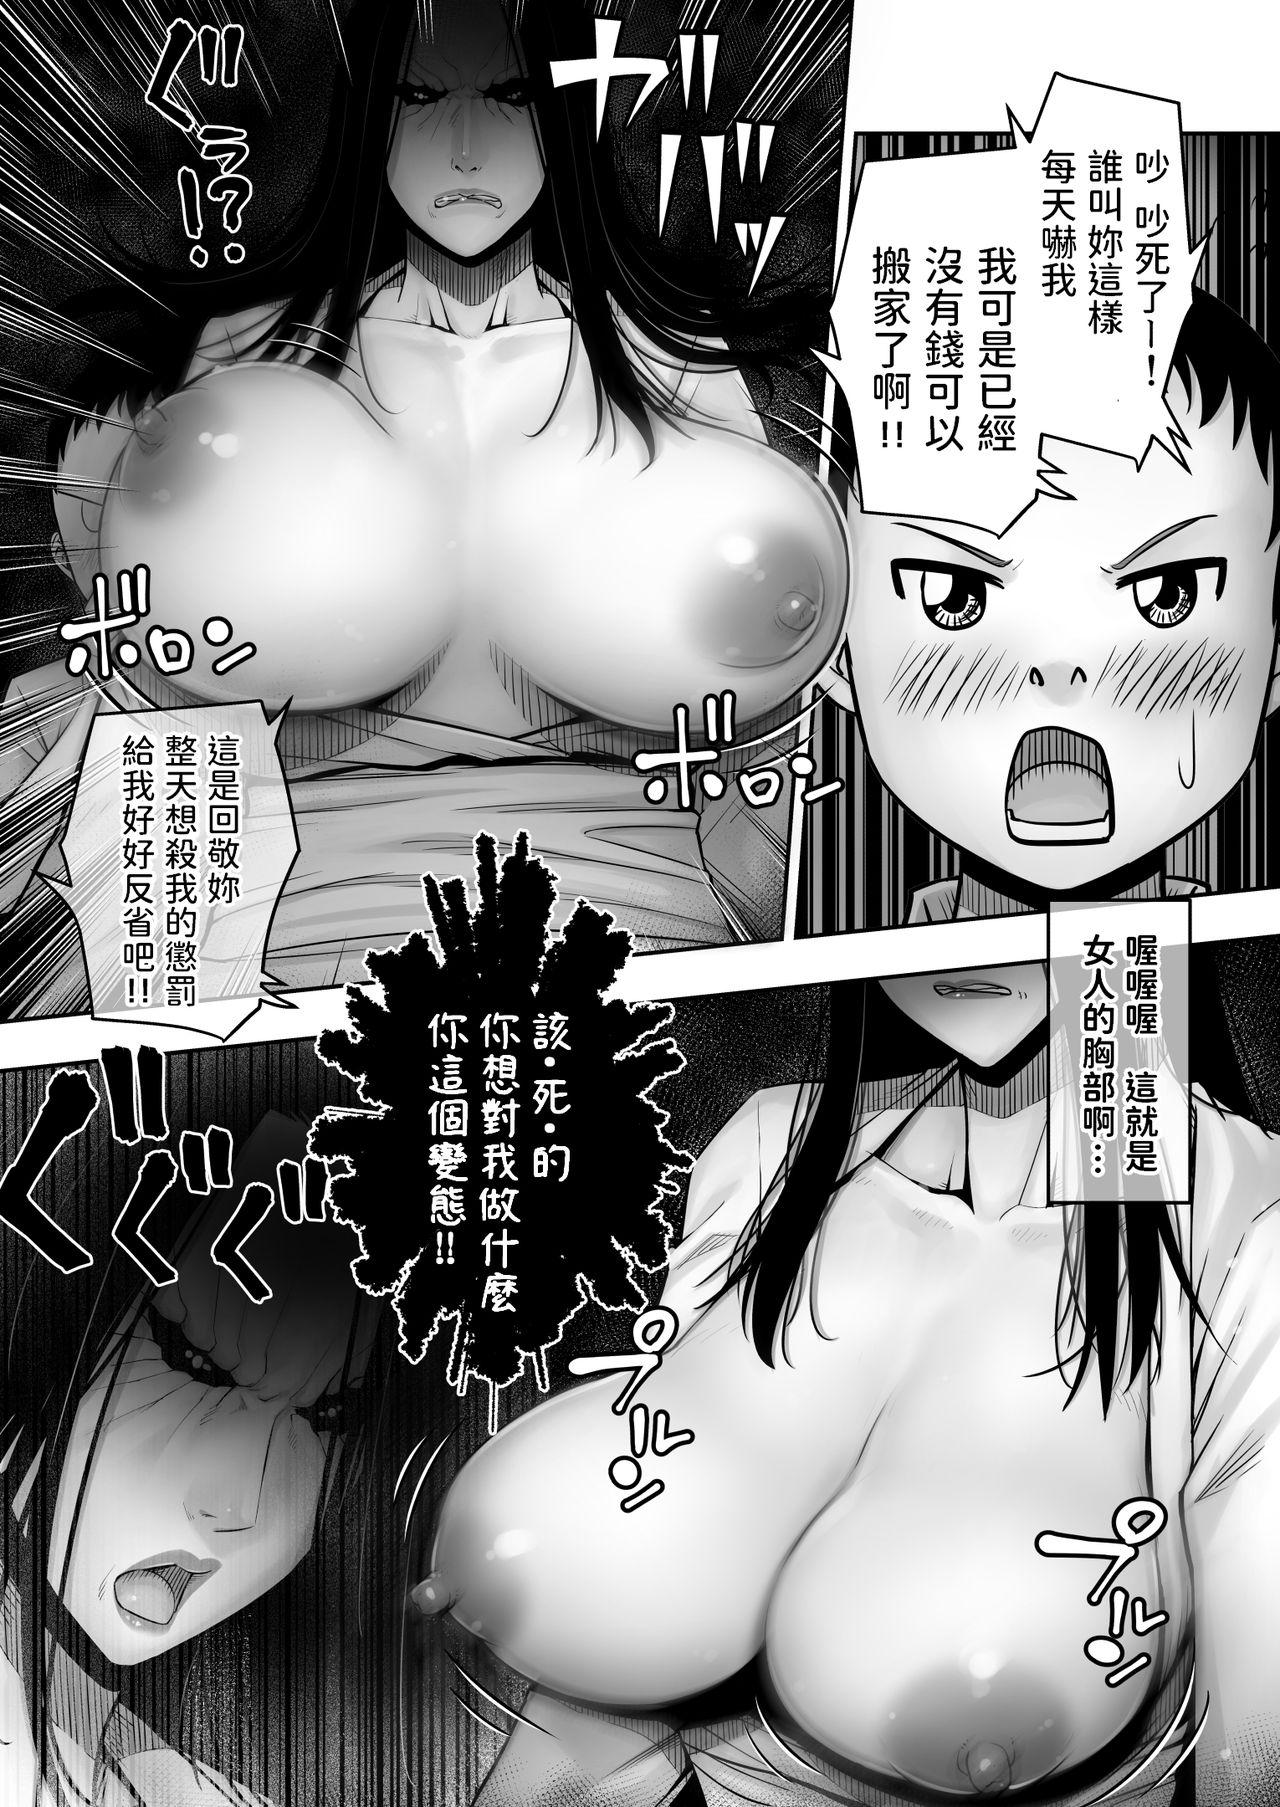 Doutei ga Heya ni Toritsuite Iru Onna Yuurei ni Gyaku Kanashibari o Kaketa Kekka 8